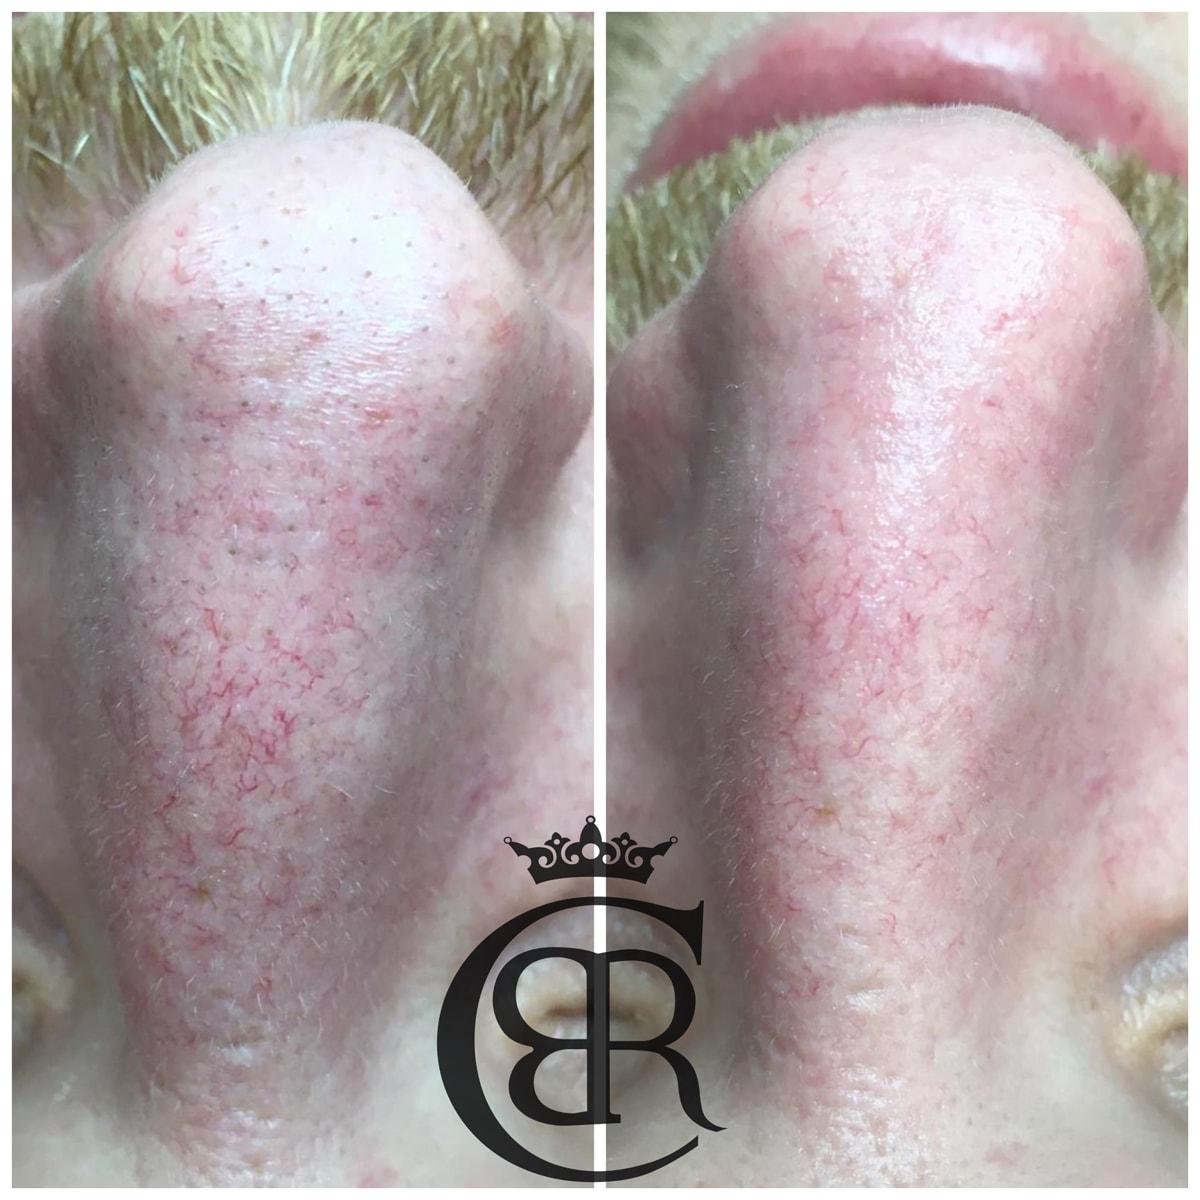 Oczyszczanie wodorowe twarzy - przed i po zabiegu